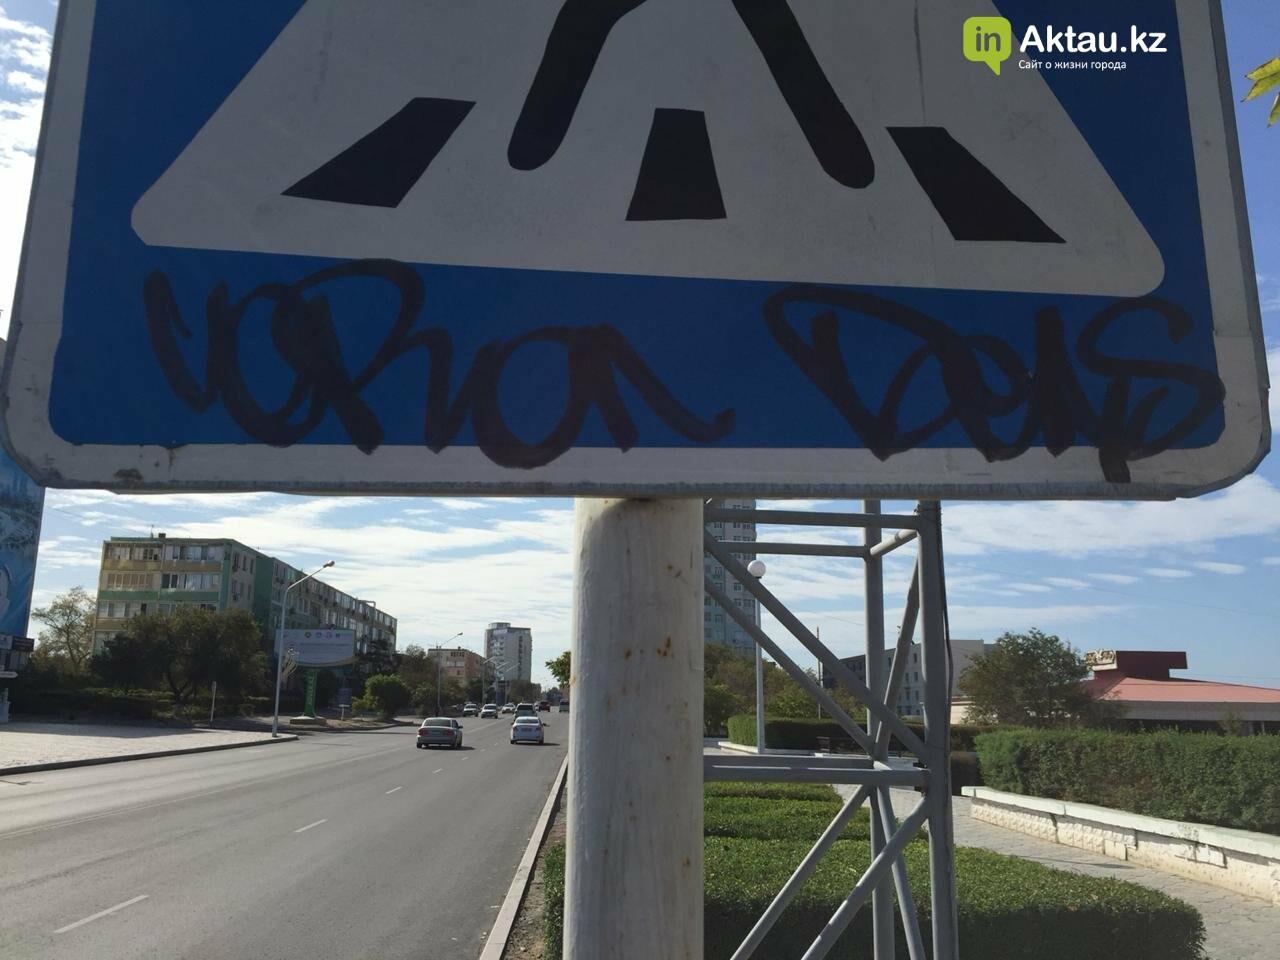 Разрисовавшего дорожные знаки вандала задержала полиция в Актау, фото-2